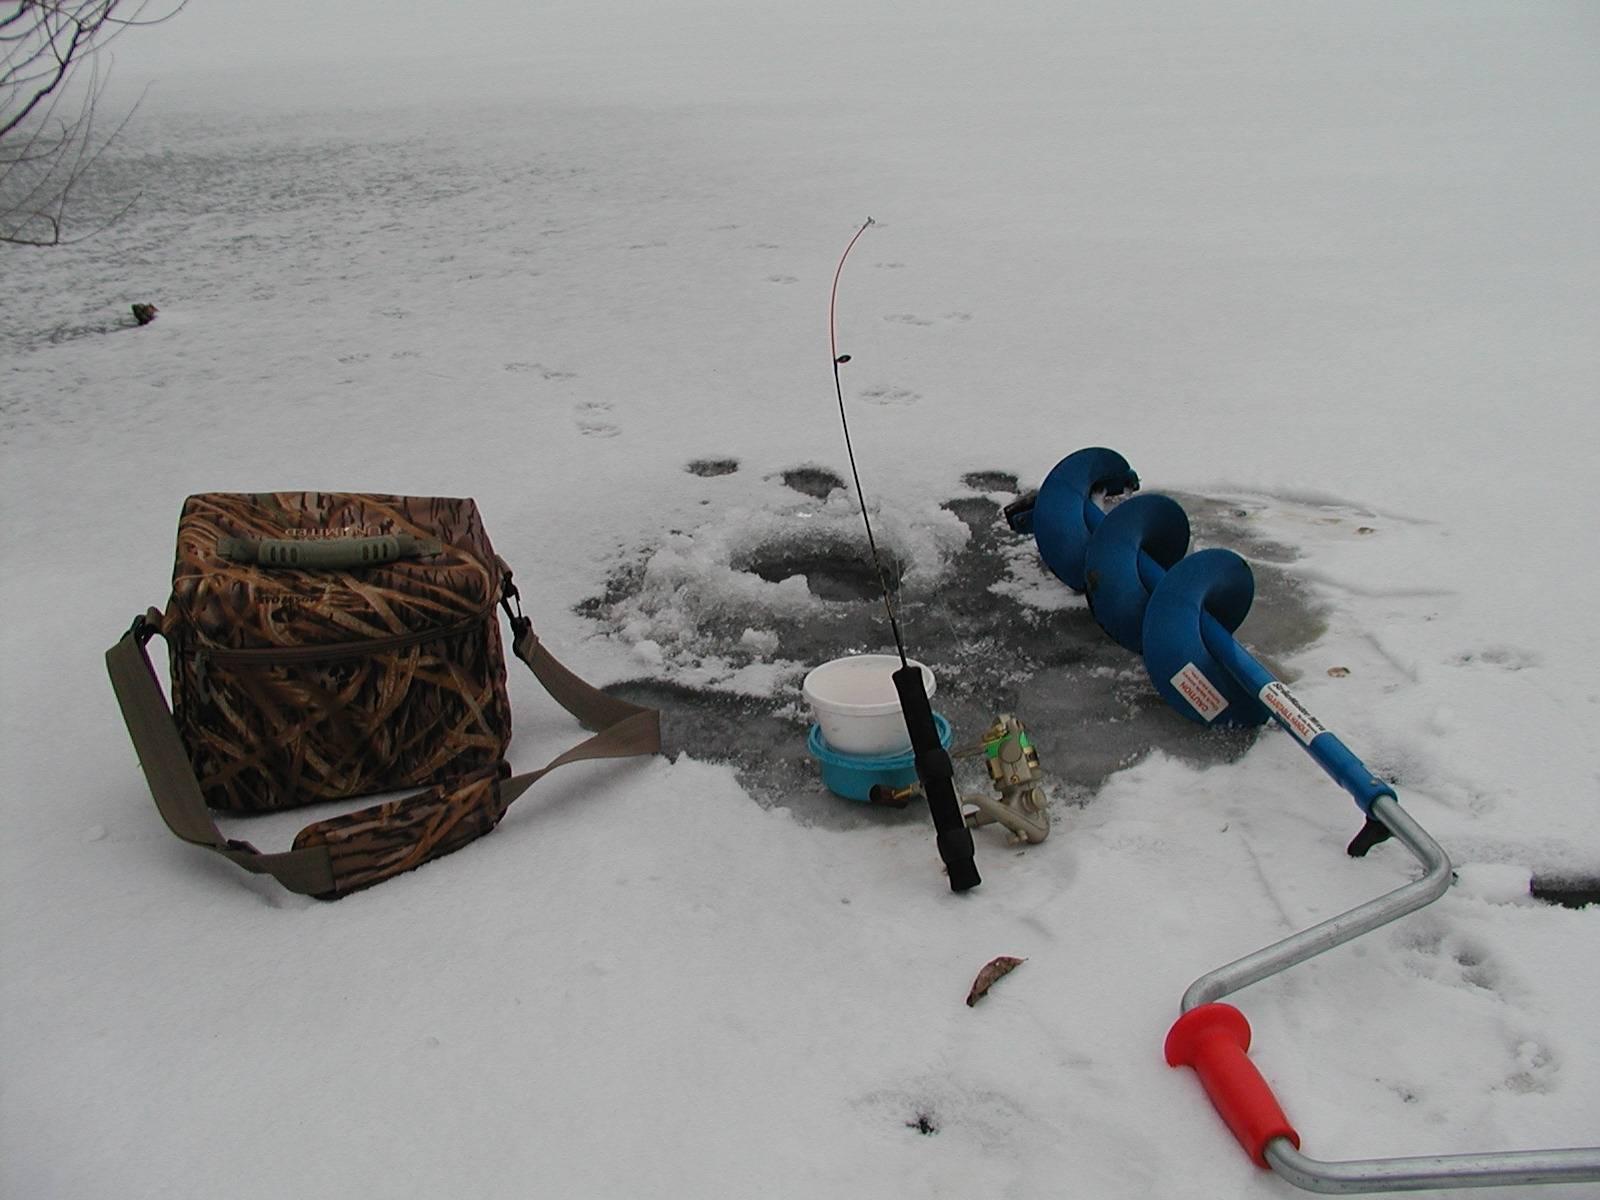 Правильное бурение лунок зимой и выбор места. в чём заключается успех рыбной ловли.